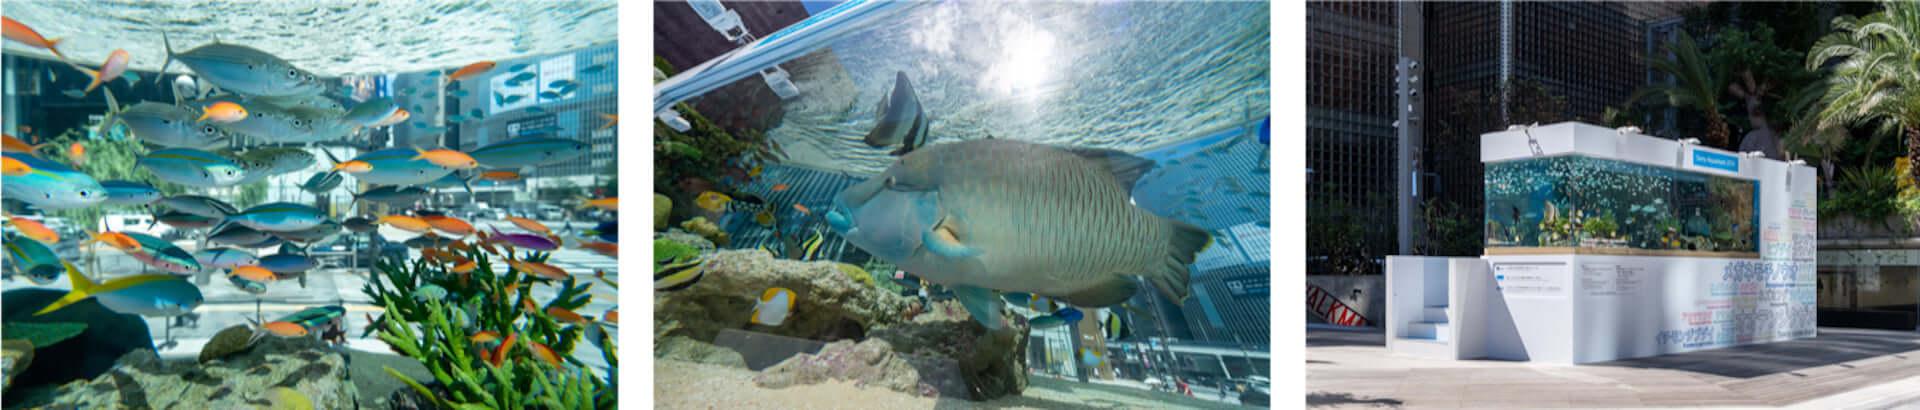 都会の中心に美ら海のお魚27種類約1,000匹が集まる!Ginza Sony Parkにて2つの新プロジェクトがスタート lifefashion190801ginza-sony-park_13-1920x410